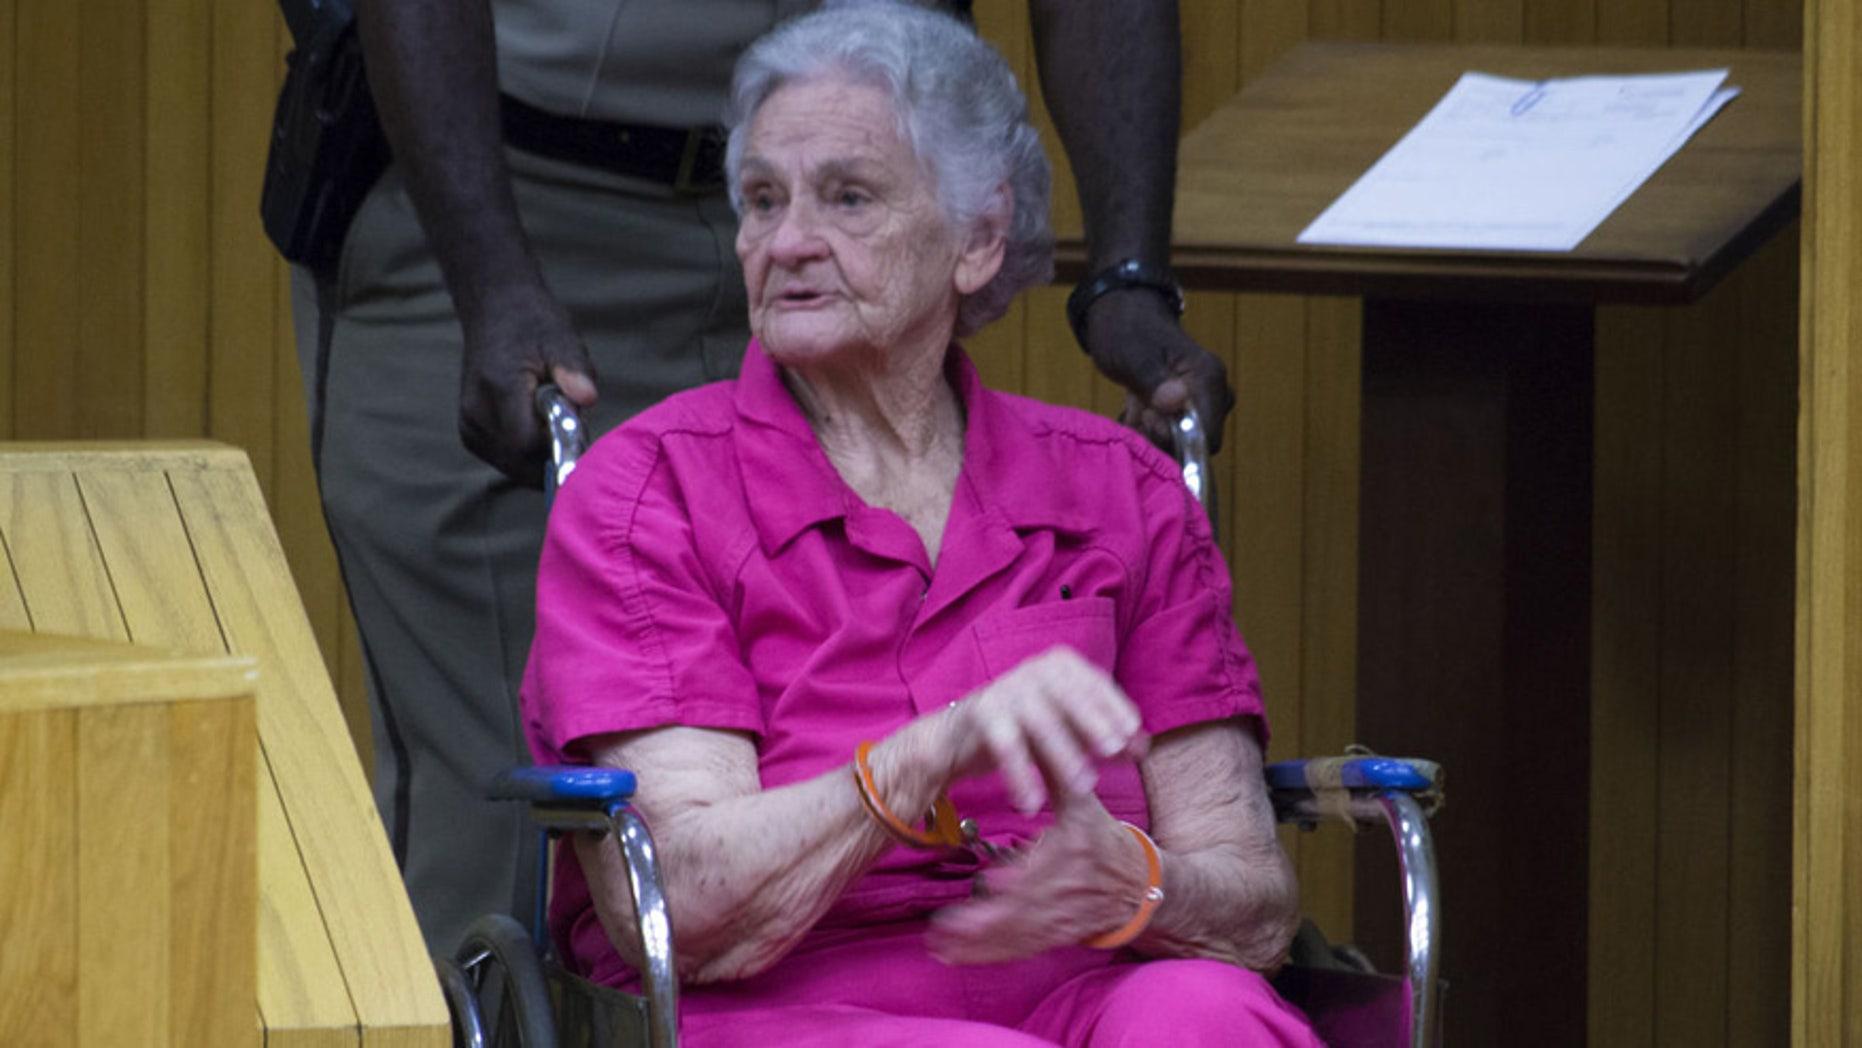 Margaret Kellis, 81, in court last week in Moore County, N.C.